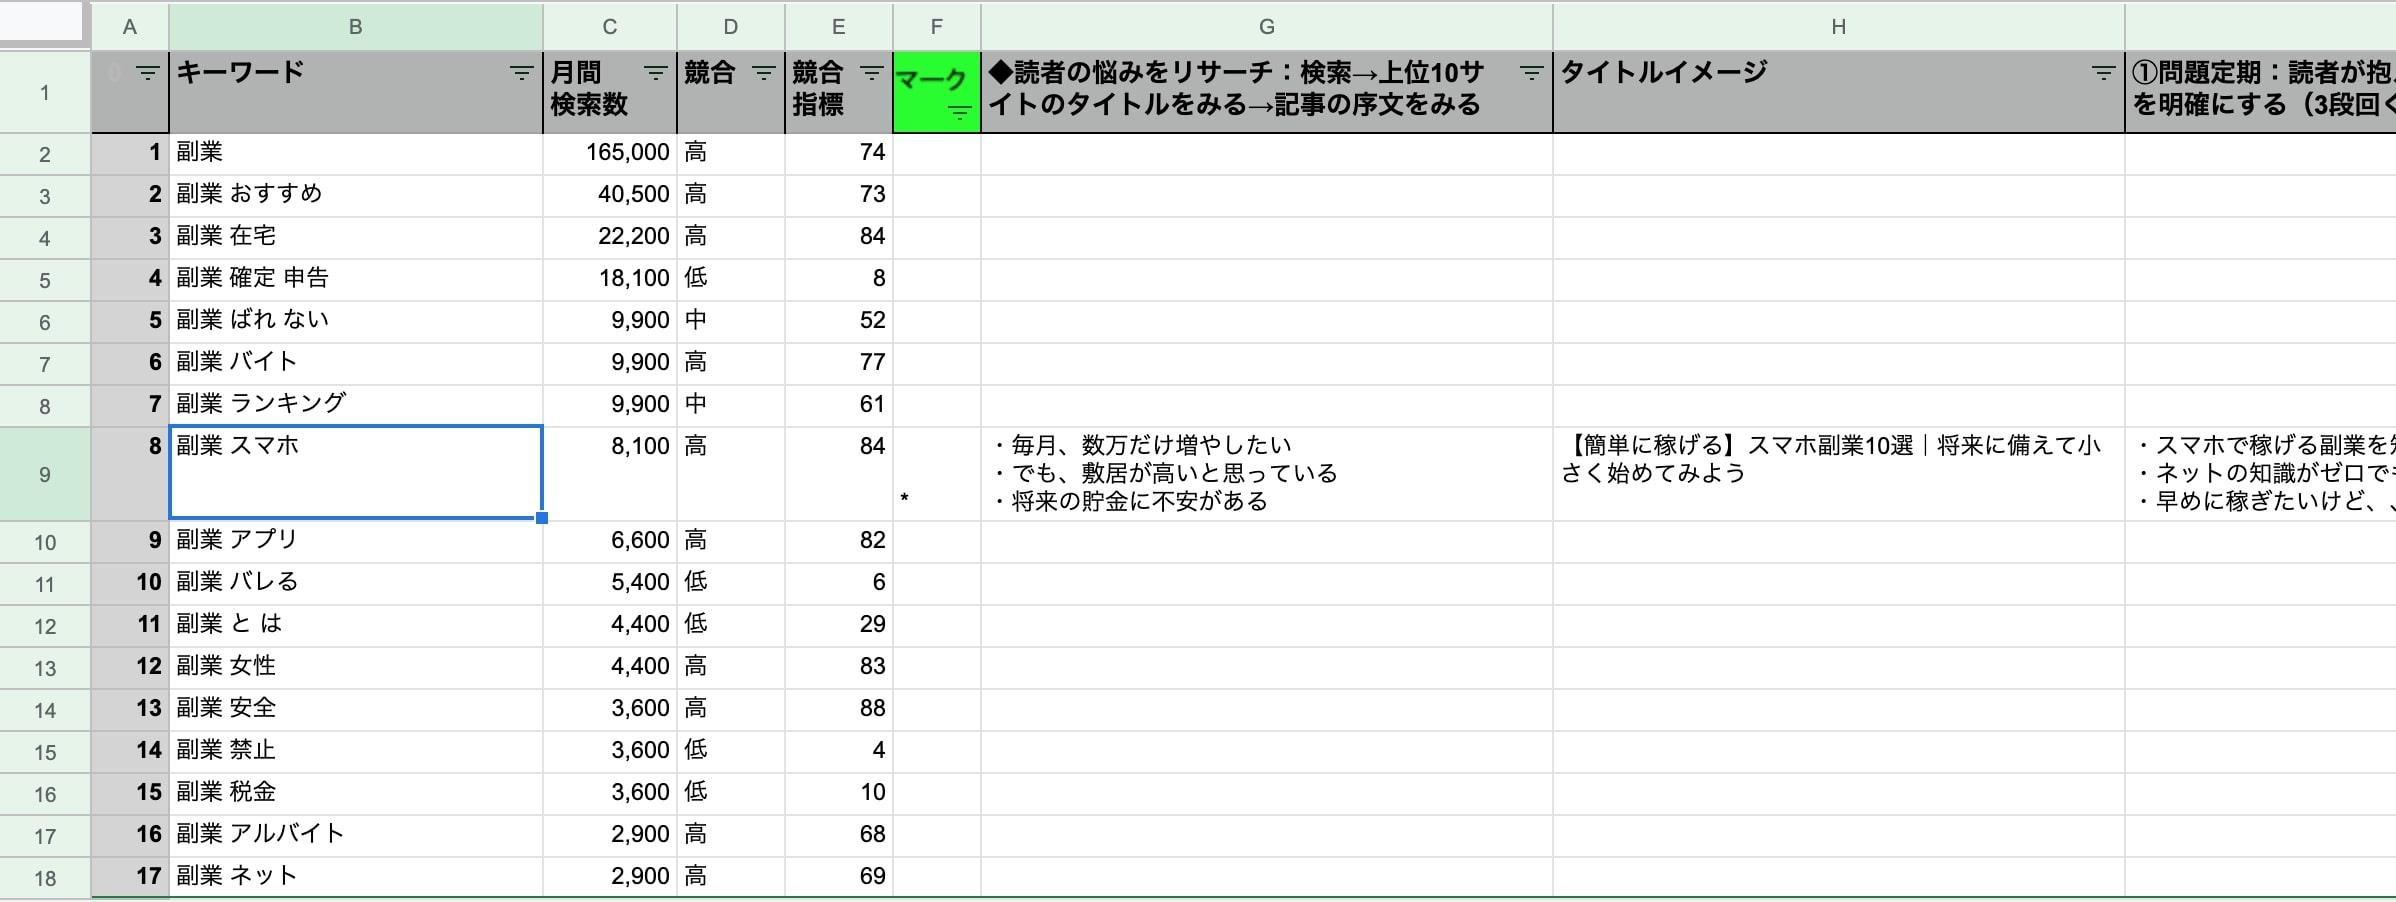 【当サイトオリジナル】ブログ記事を書くための情報整理ツール